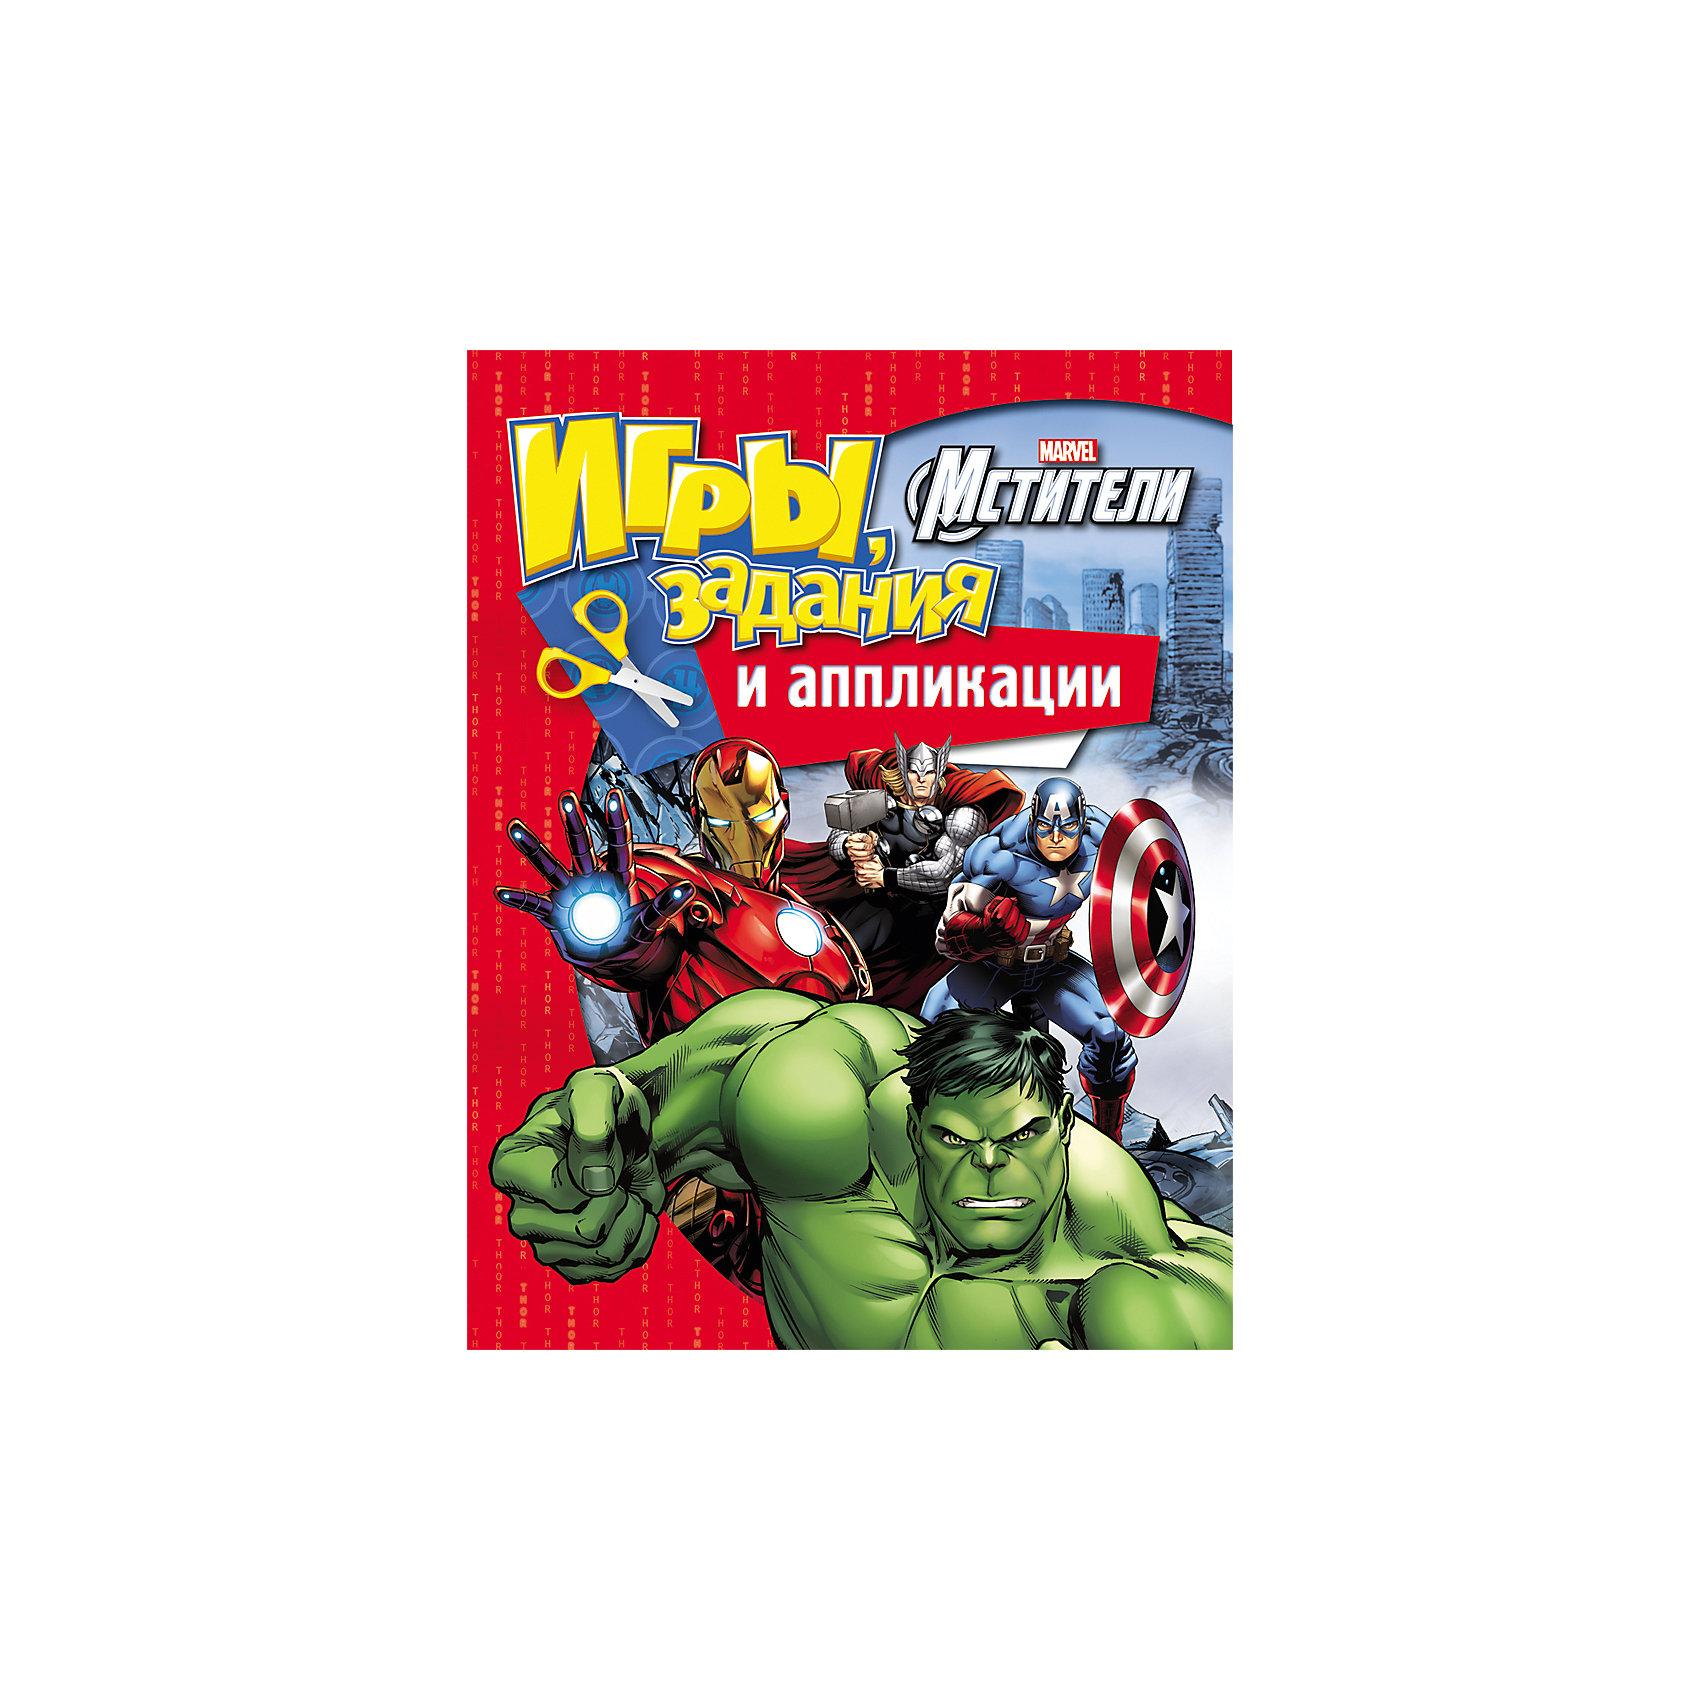 Игры, задания и аппликации Мстители MarvelИгры, задания и аппликации Мстители Marvel - это для малышей книга с развивающими играми и заданиями.<br>Книга Игры, задания и аппликации Мстители Marvel – это цветная брошюра с яркими аппликациями, лабиринтами и различными головоломками. На каждом развороте даются увлекательные задания на логику, воображение, развитие памяти и художественных способностей ребенка. Все необходимые для аппликации детали и рекомендации по их выполнению можно найти внутри книжки. Фантазируй и играй вместе с супергероями Marvel!<br><br>Дополнительная информация:<br><br>- Издательство: Росмэн<br>- Тип обложки: мягкая обложка<br>- Иллюстрации: цветные<br>- Количество страниц: 16<br>- Размер: 275х210х2 мм.<br>- Вес: 69 гр.<br><br>Книгу Игры, задания и аппликации Мстители Marvel можно купить в нашем интернет-магазине.<br><br>Ширина мм: 275<br>Глубина мм: 212<br>Высота мм: 2<br>Вес г: 76<br>Возраст от месяцев: 36<br>Возраст до месяцев: 72<br>Пол: Унисекс<br>Возраст: Детский<br>SKU: 4602278